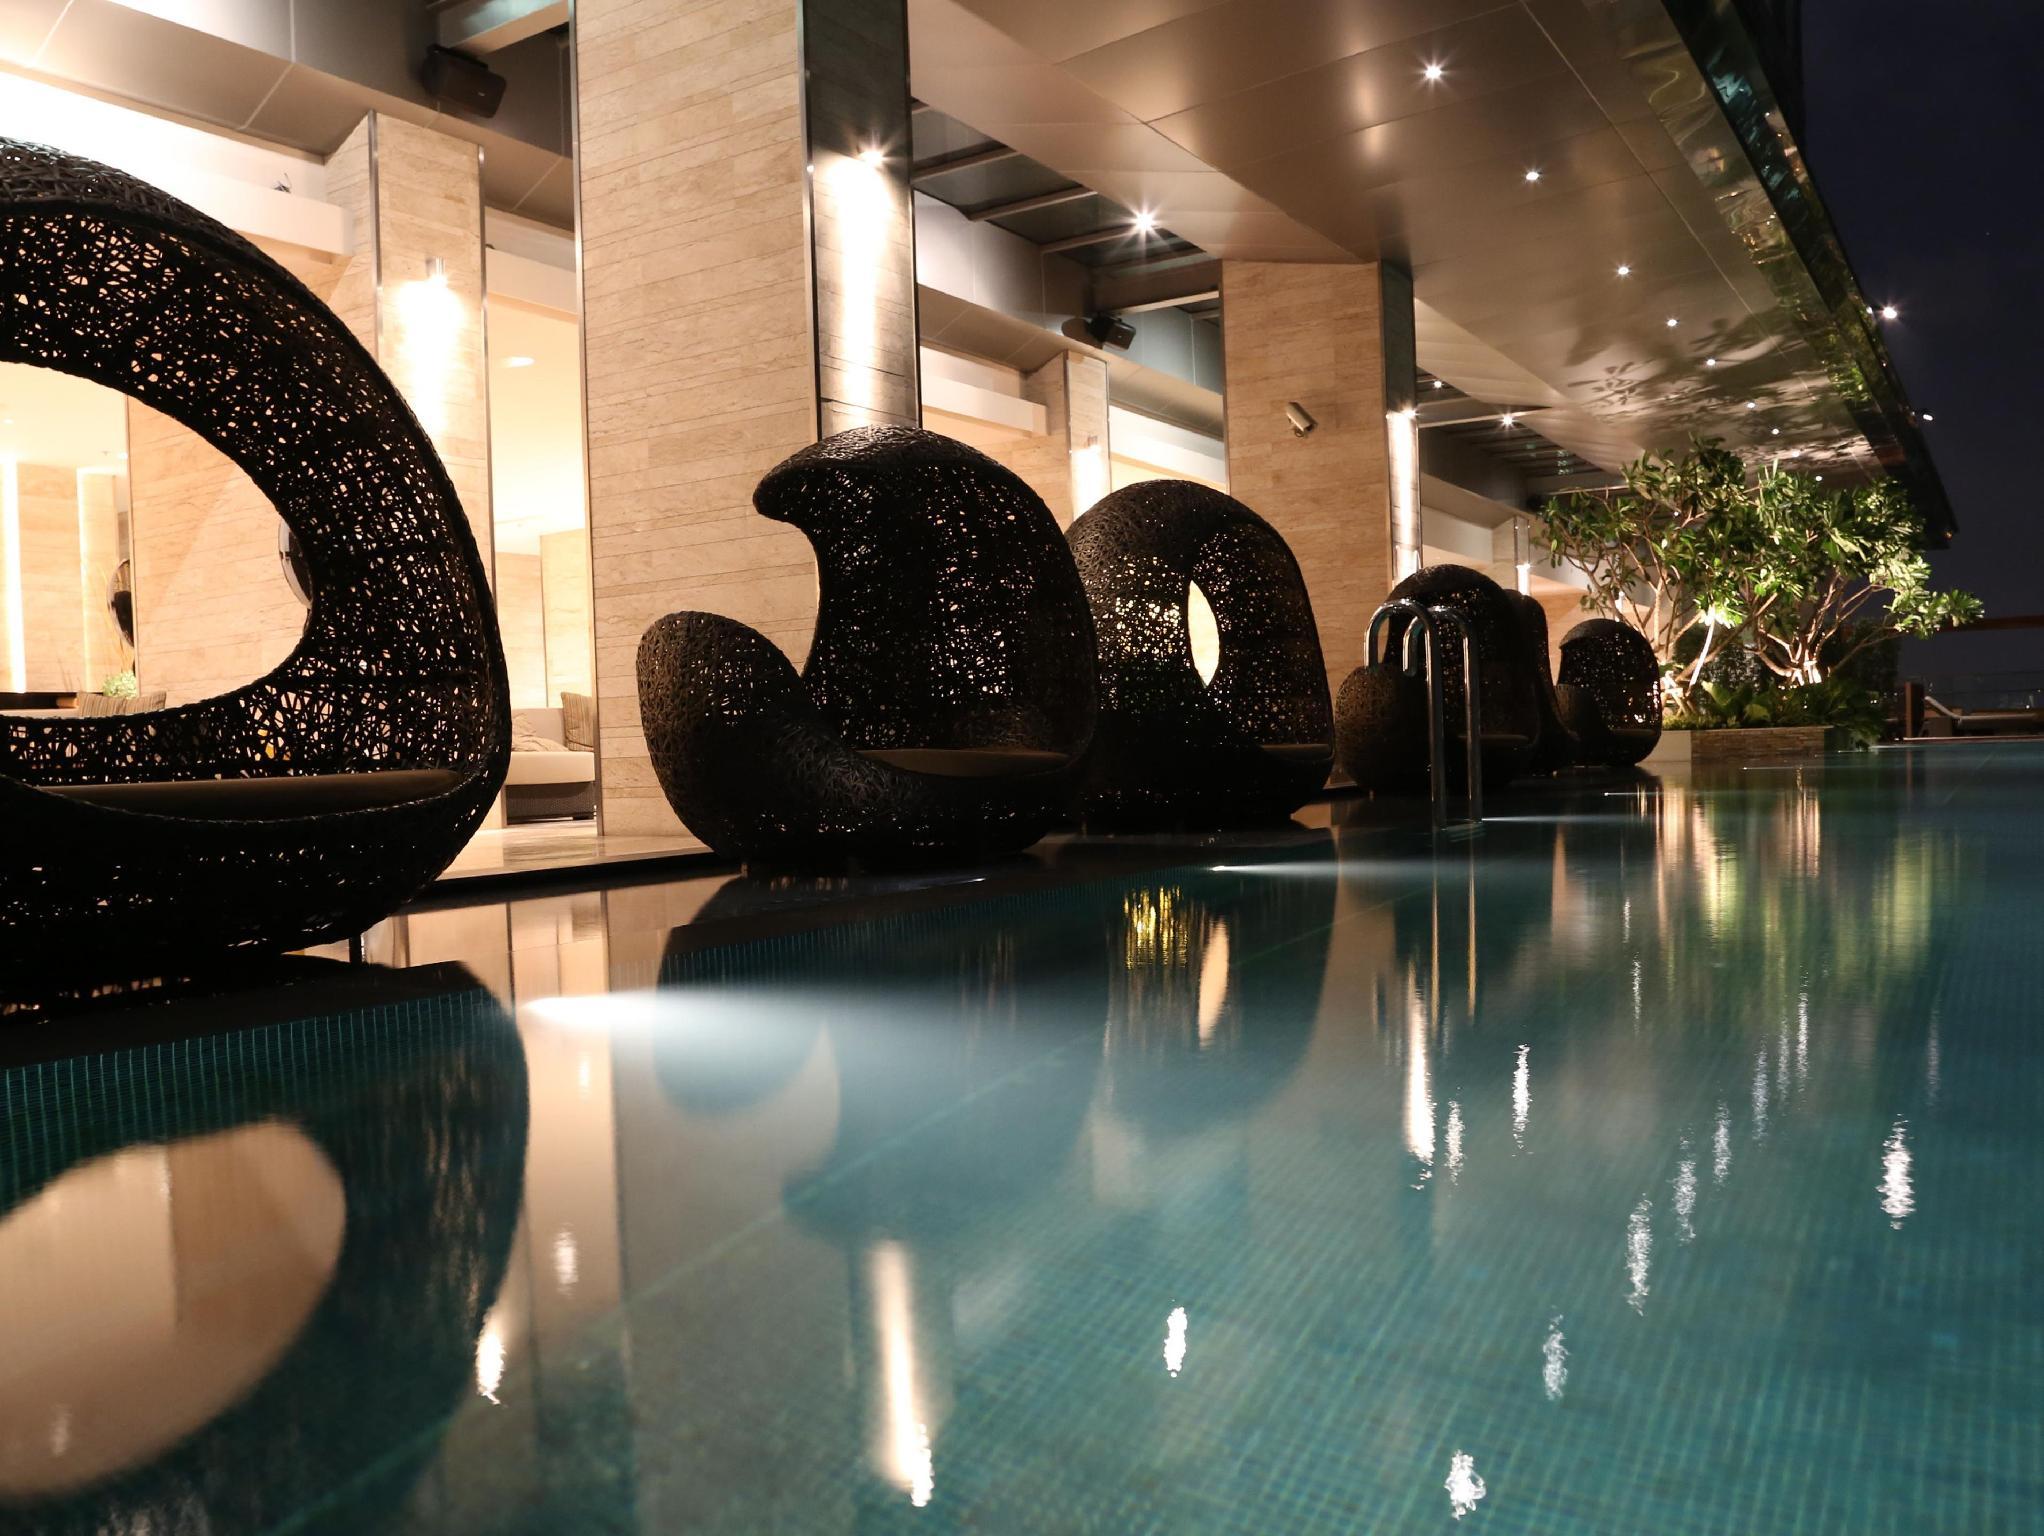 โรงแรมอีสติน แกรนด์ สาทร